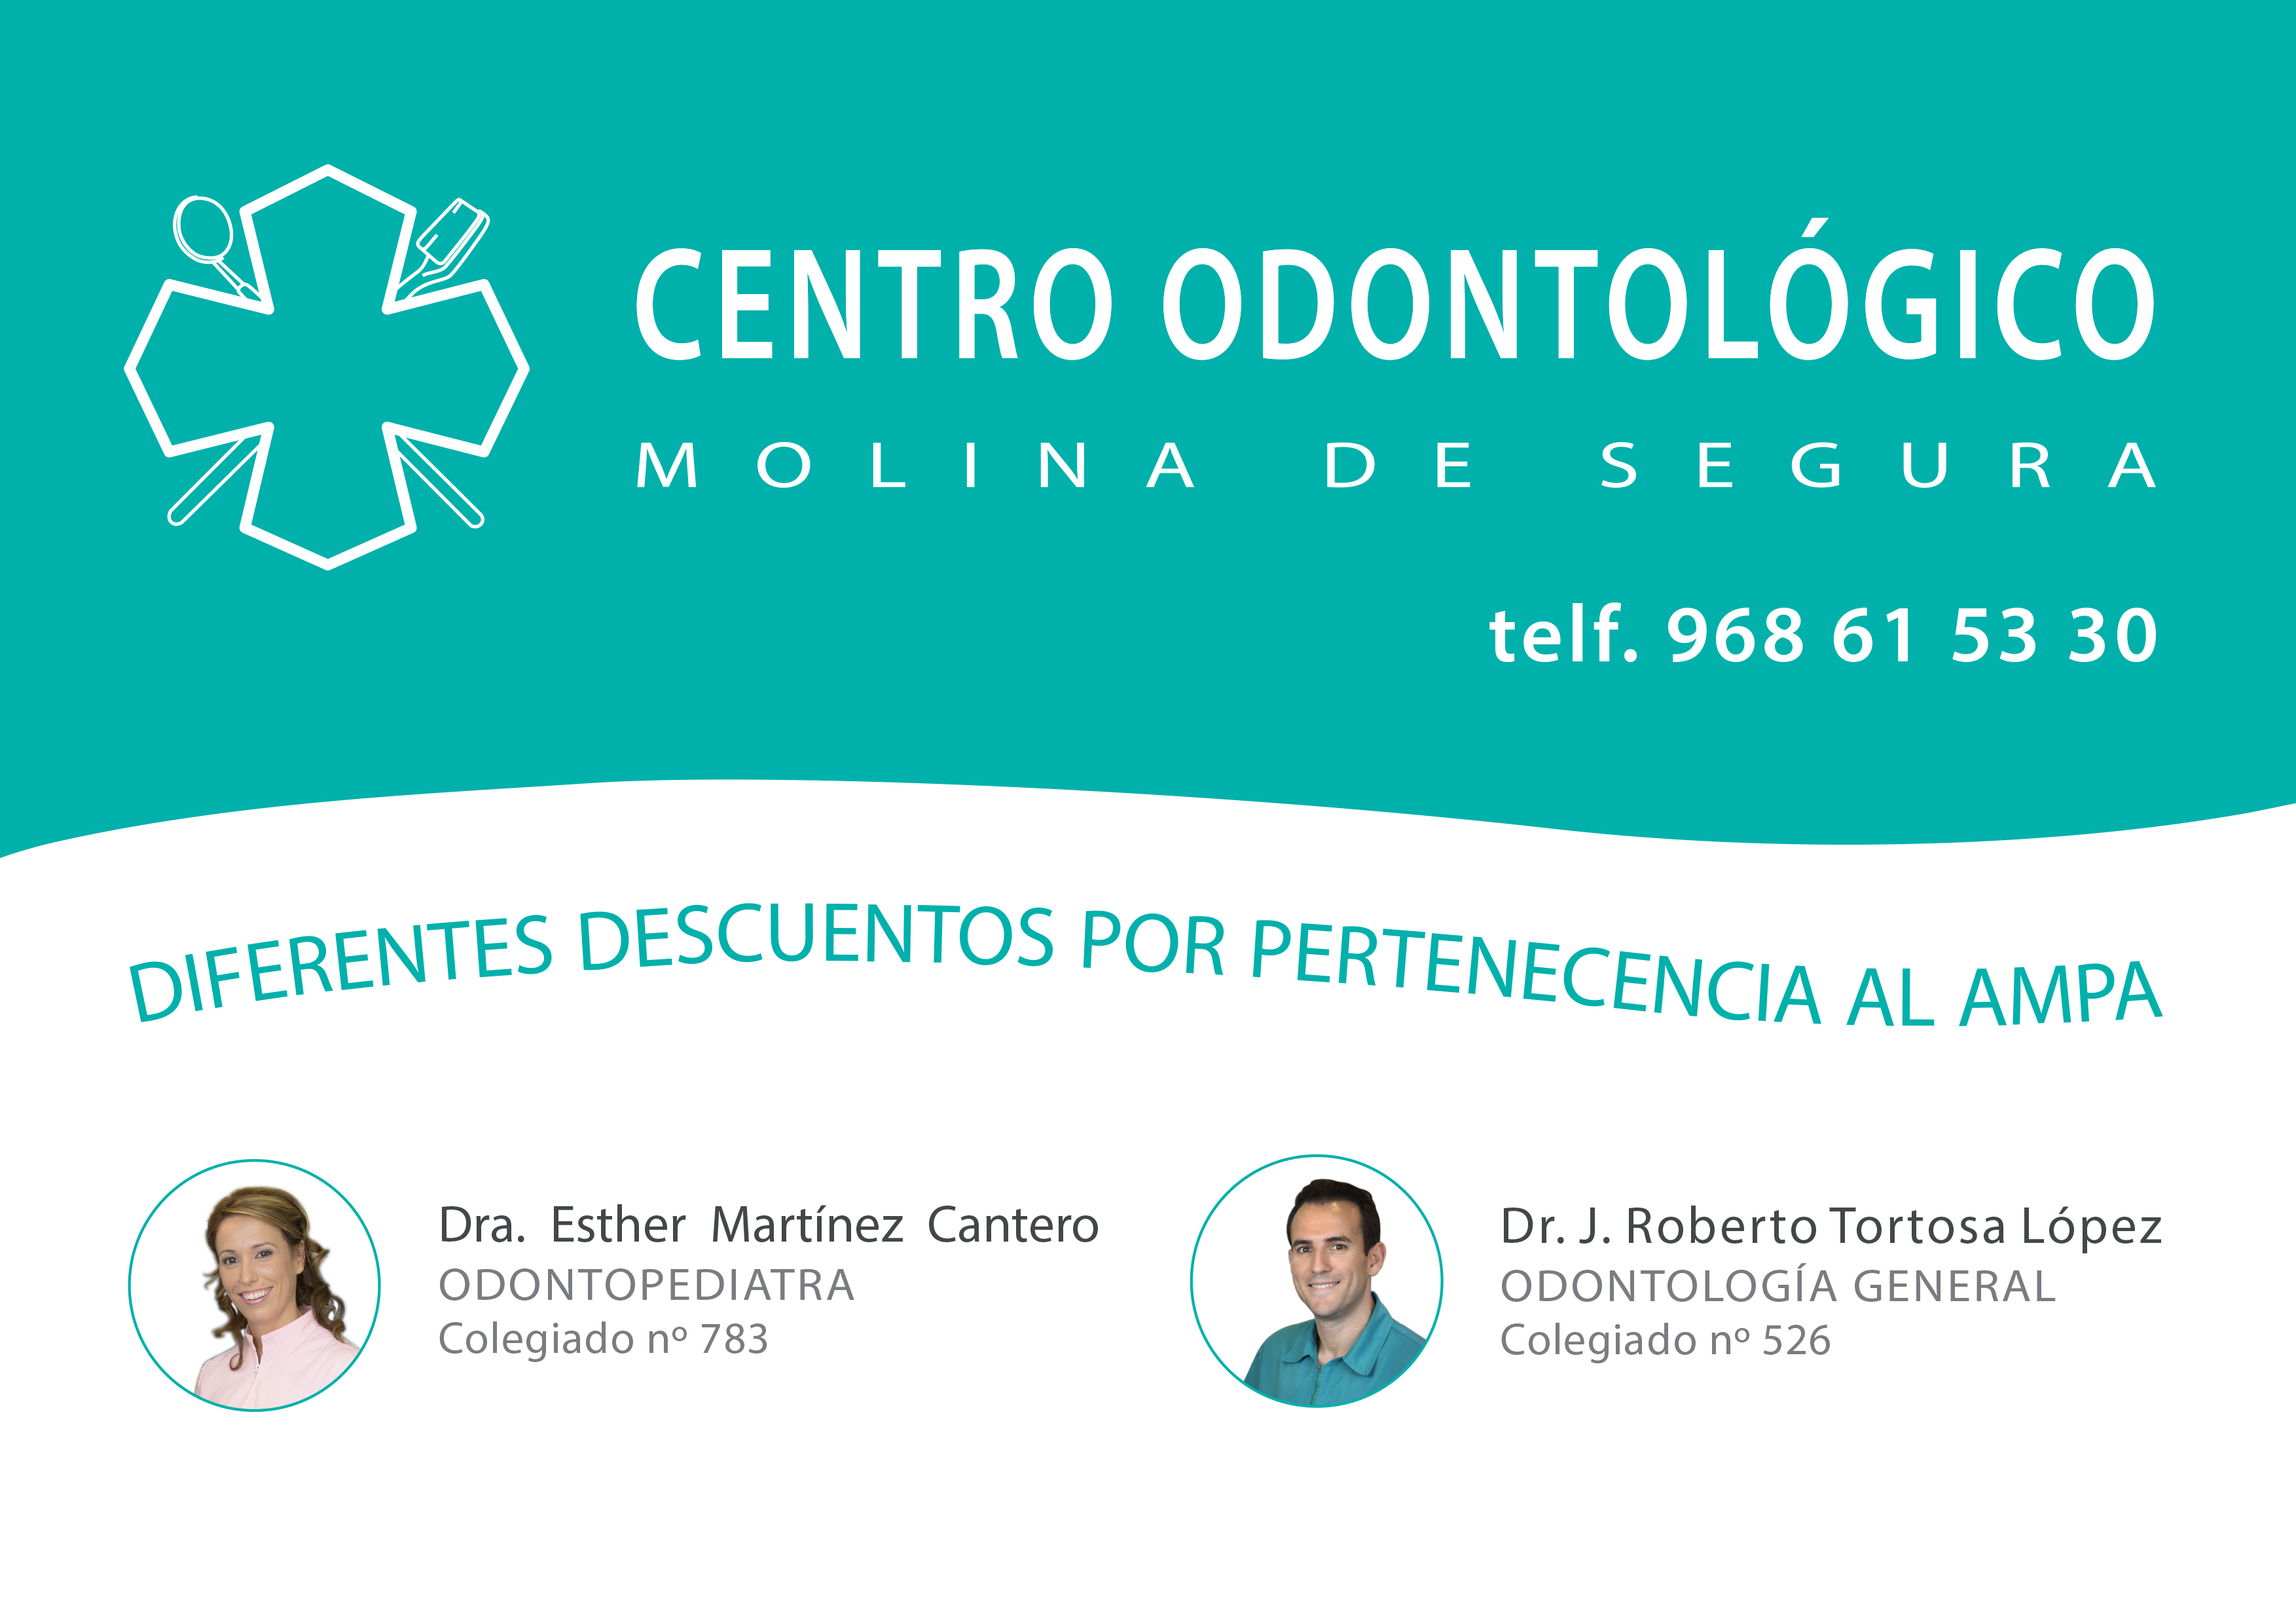 Centro odontológico Molina de Segura